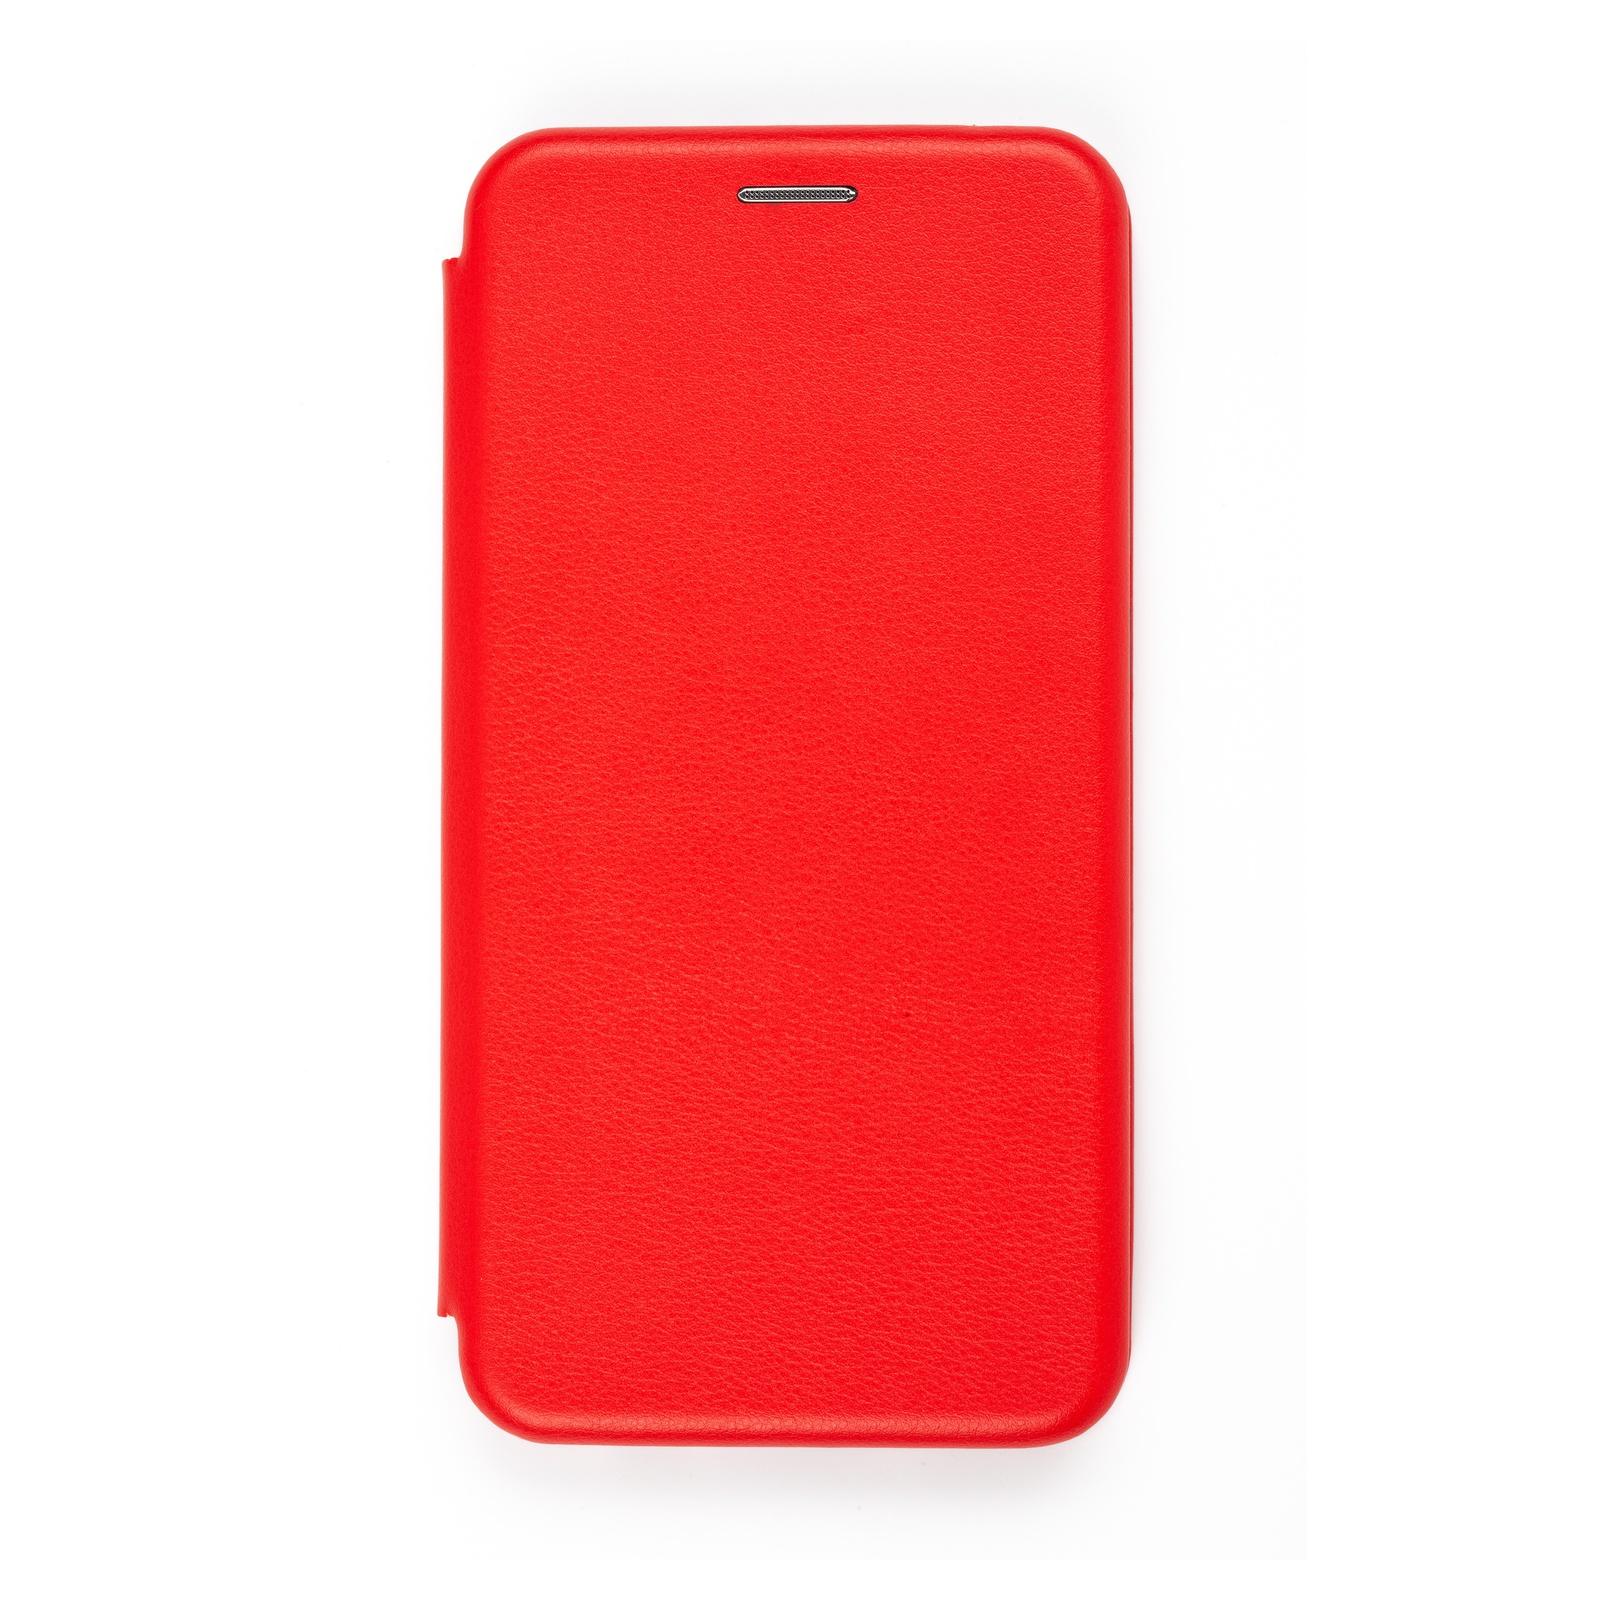 Чехол для сотового телефона Чехол-книжка для Huawei Honor 10 Lite/P Smart (2019), бордовый